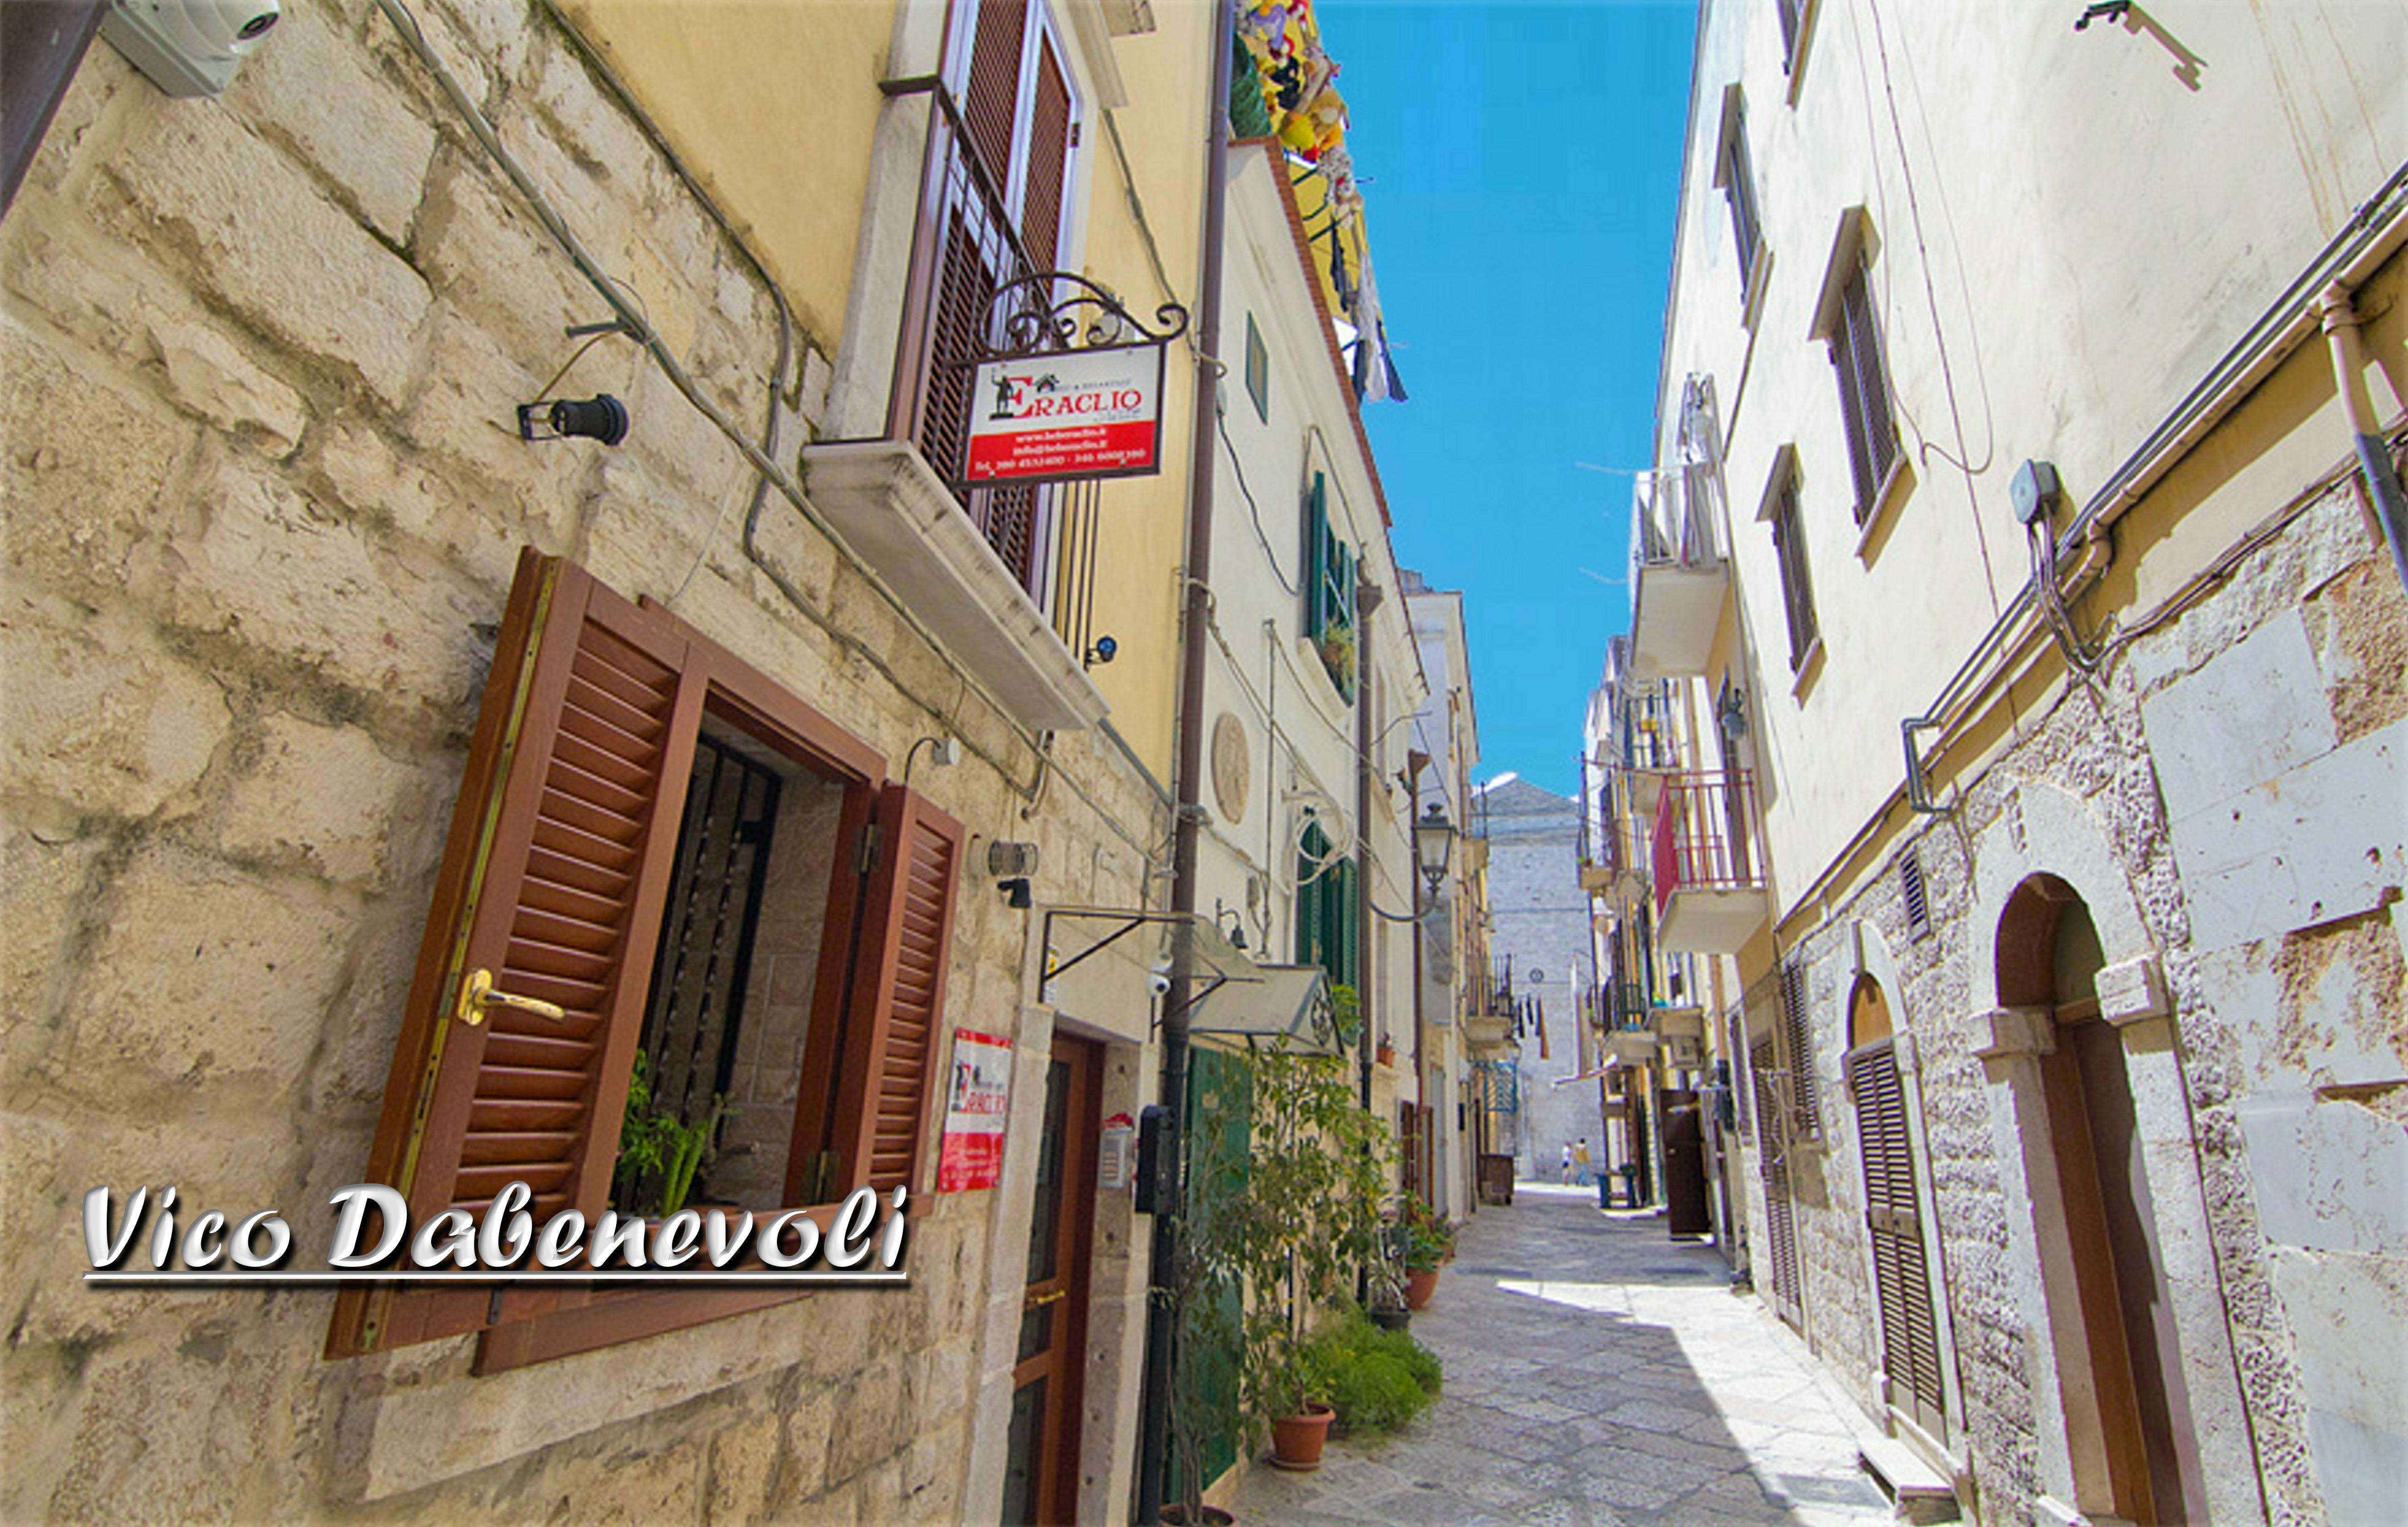 Eraclio Suite, Barletta-Andria-Trani